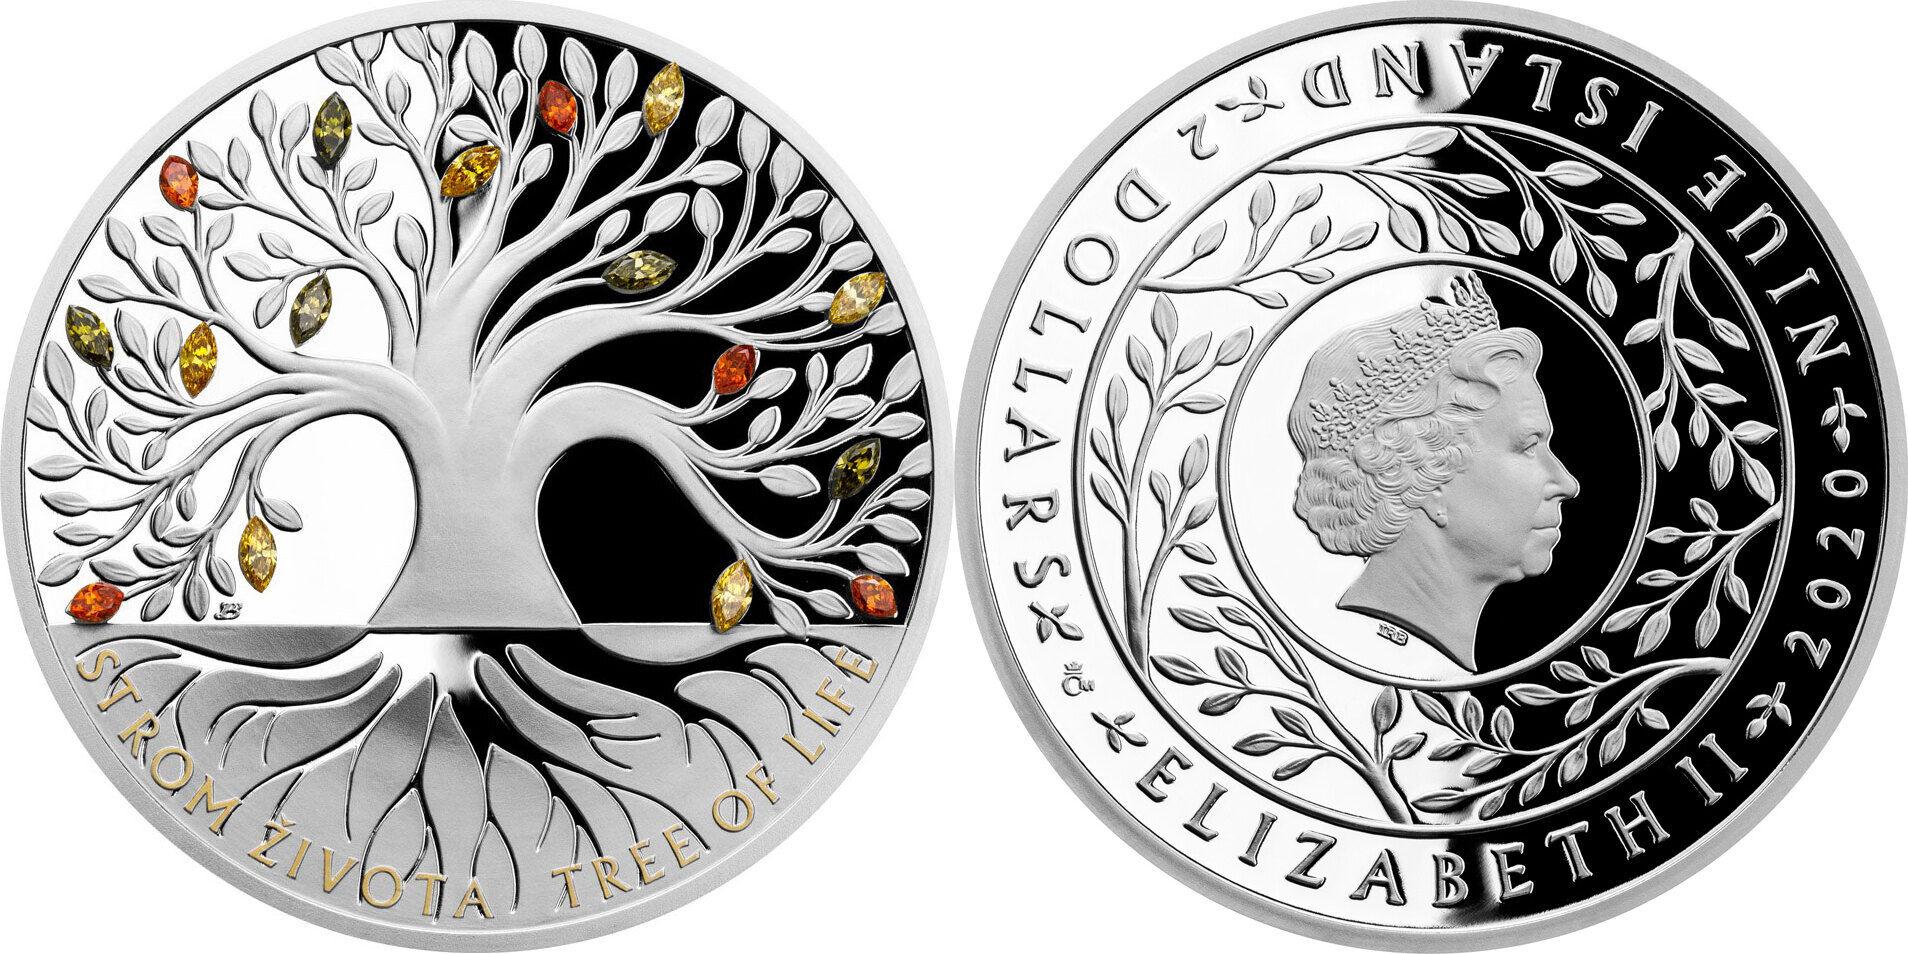 niue-2020-arbre-de-vie-automne